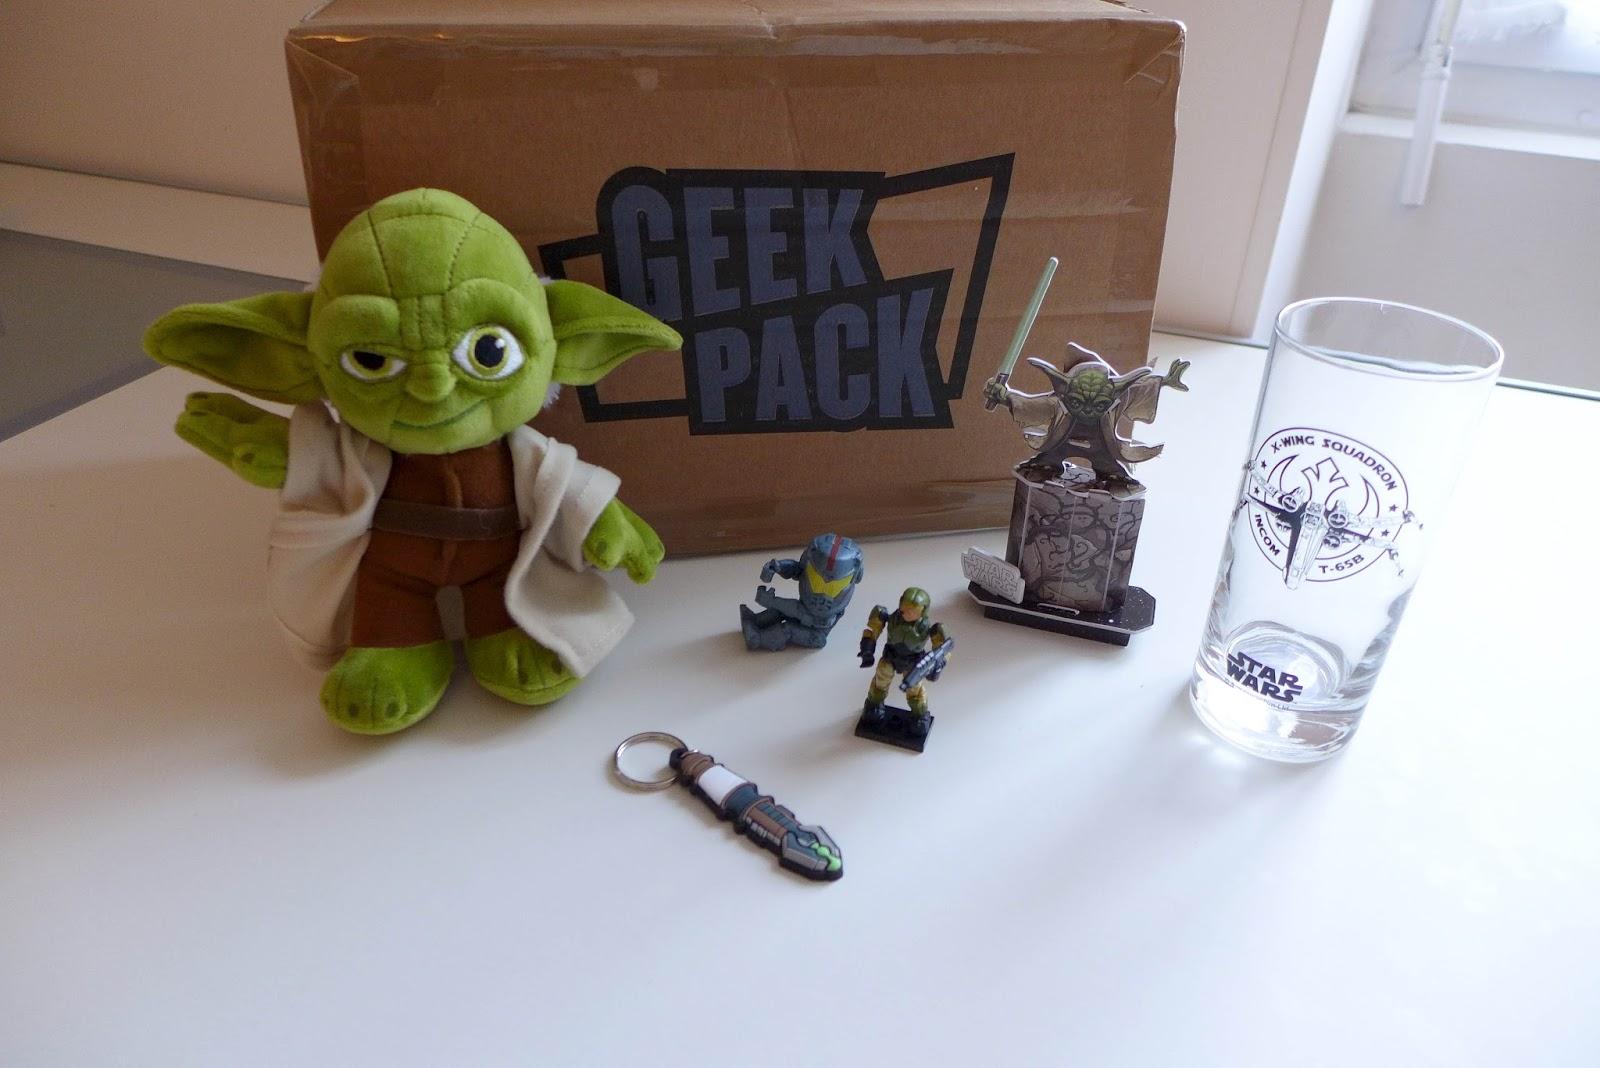 contenu geek pack